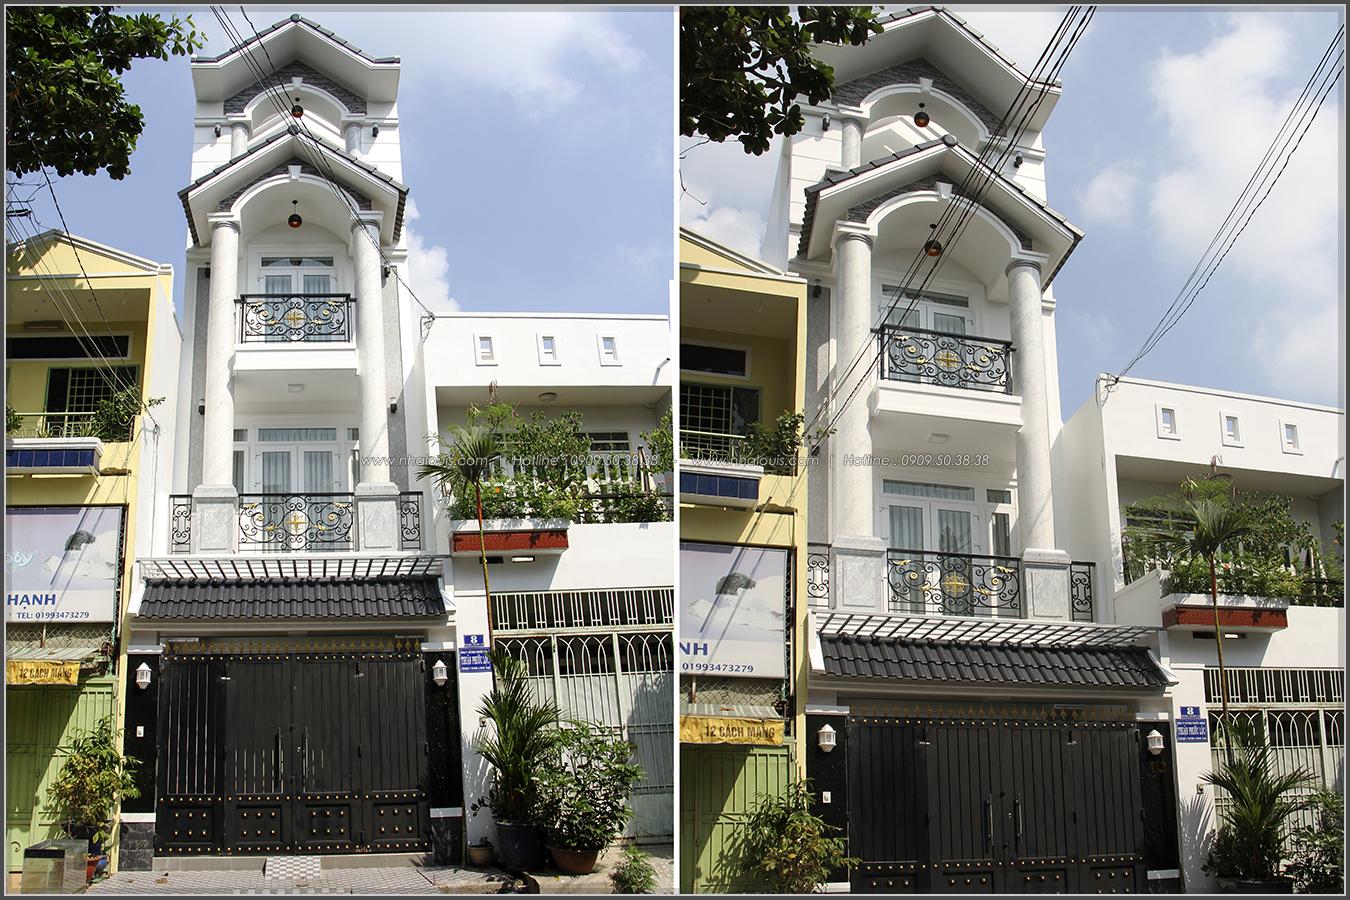 Thi công xây dựng nhà phố bán cổ điển mặt tiền 4m tại Quận Tân Phú - 04